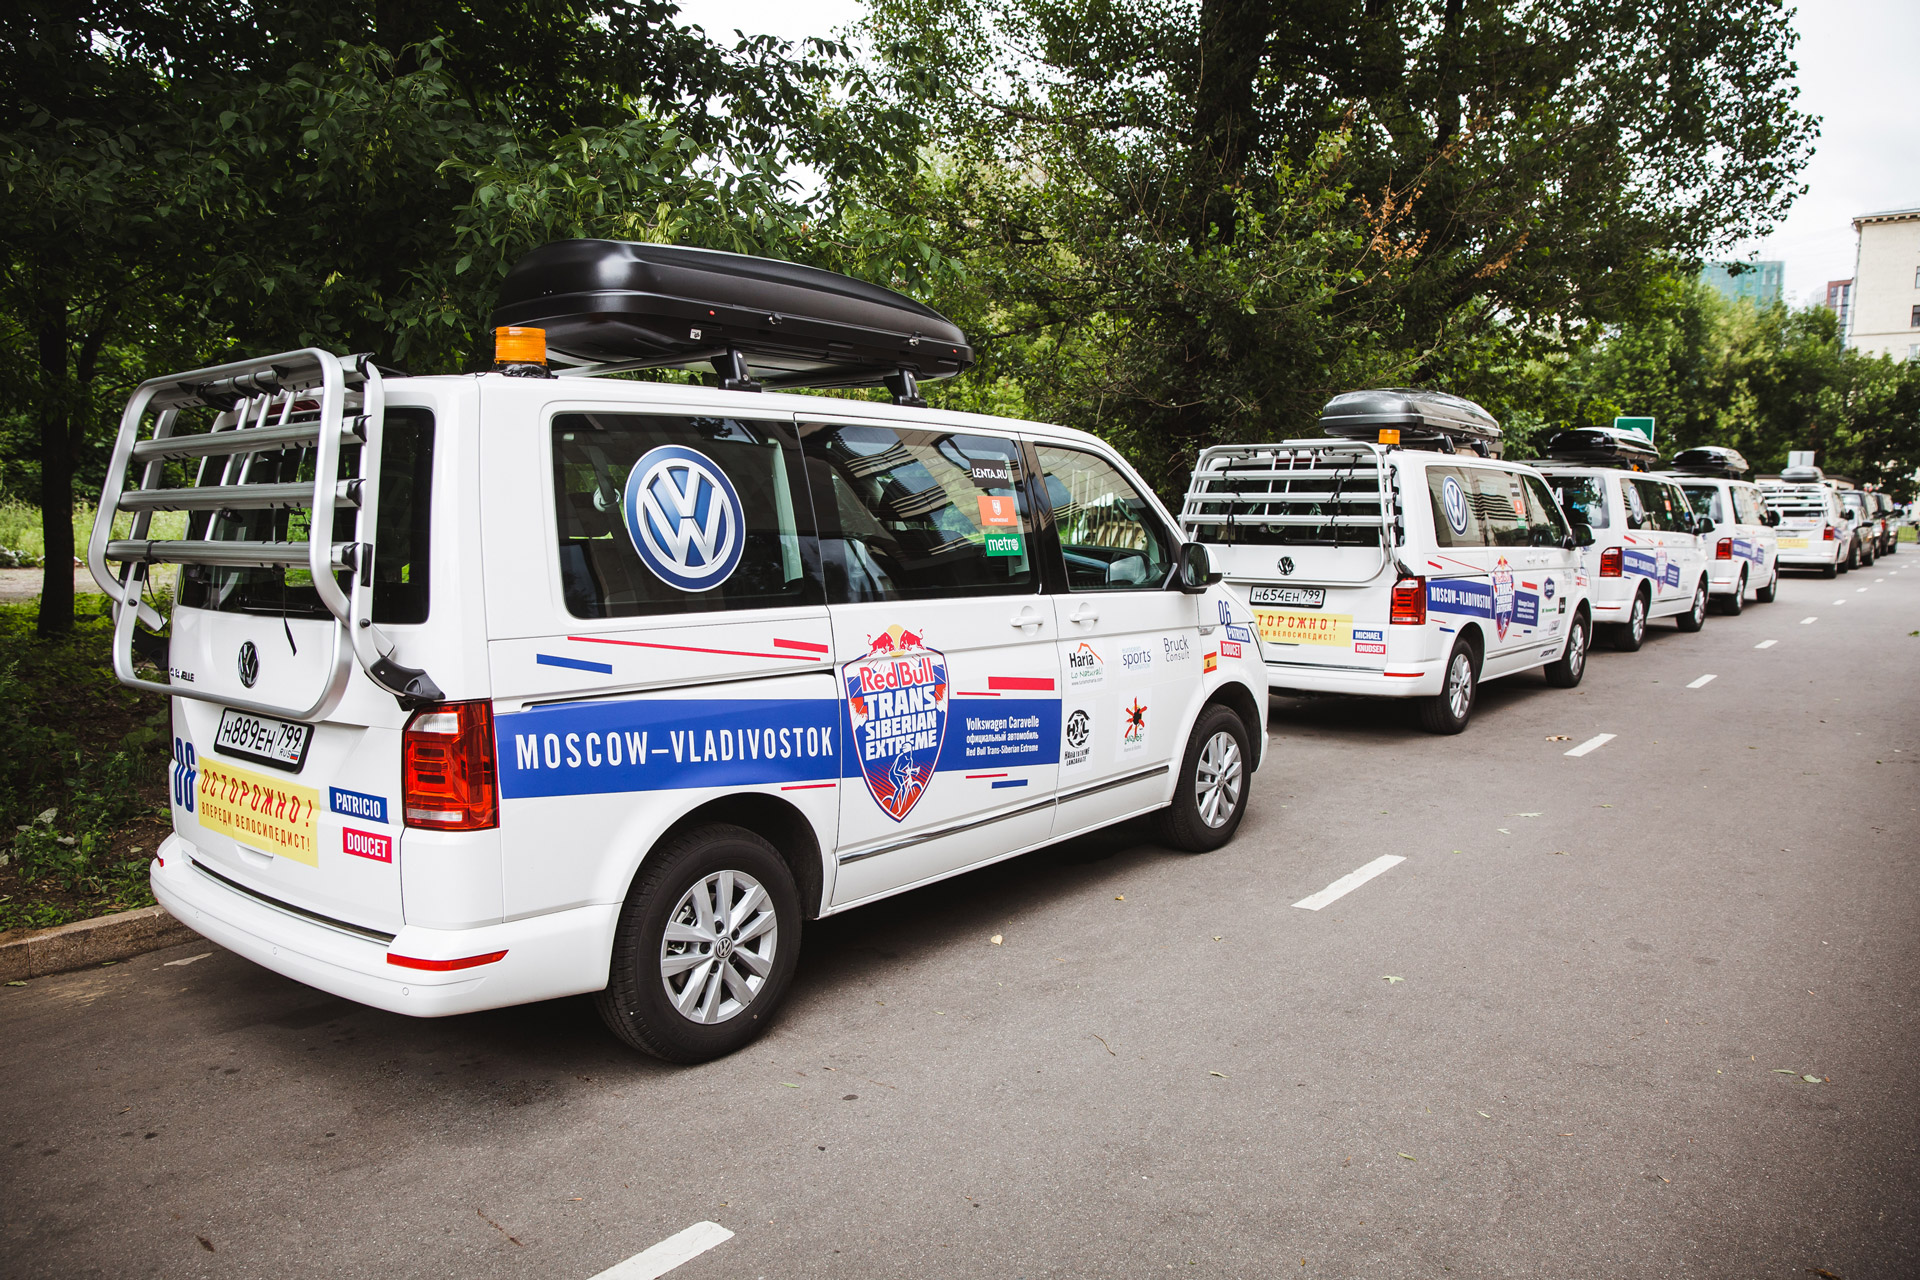 Марка Volkswagen Коммерческие автомобили – транспортный партнёр велогонки Red Bull Trans- Siberian Extreme – 2018